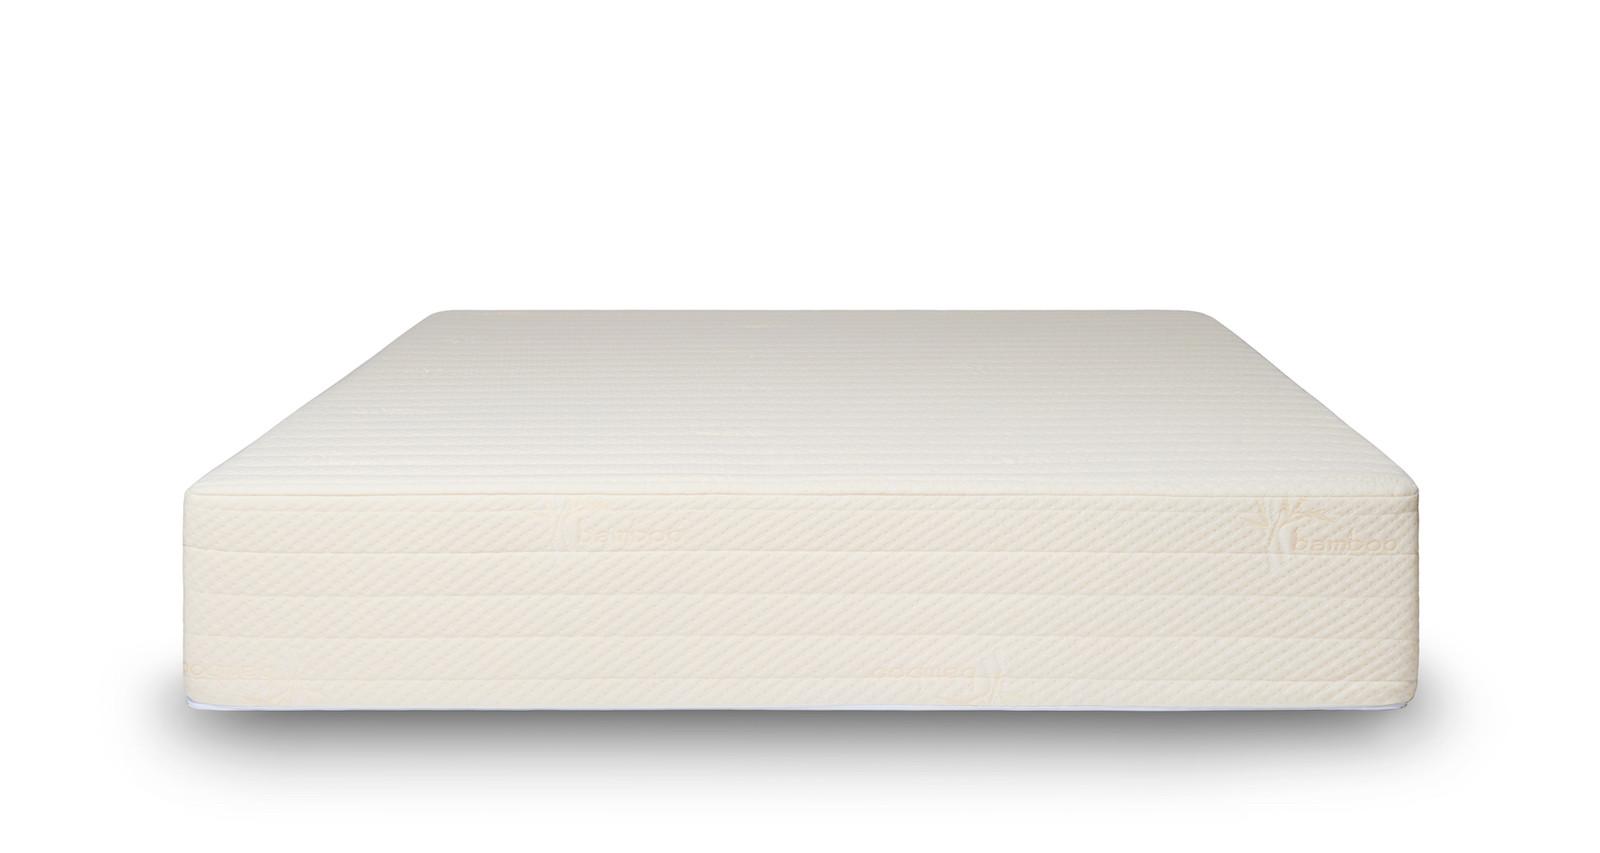 Brentwood Home Bamboo Gel 10 Mattress Review, brentwood home mattress reviews